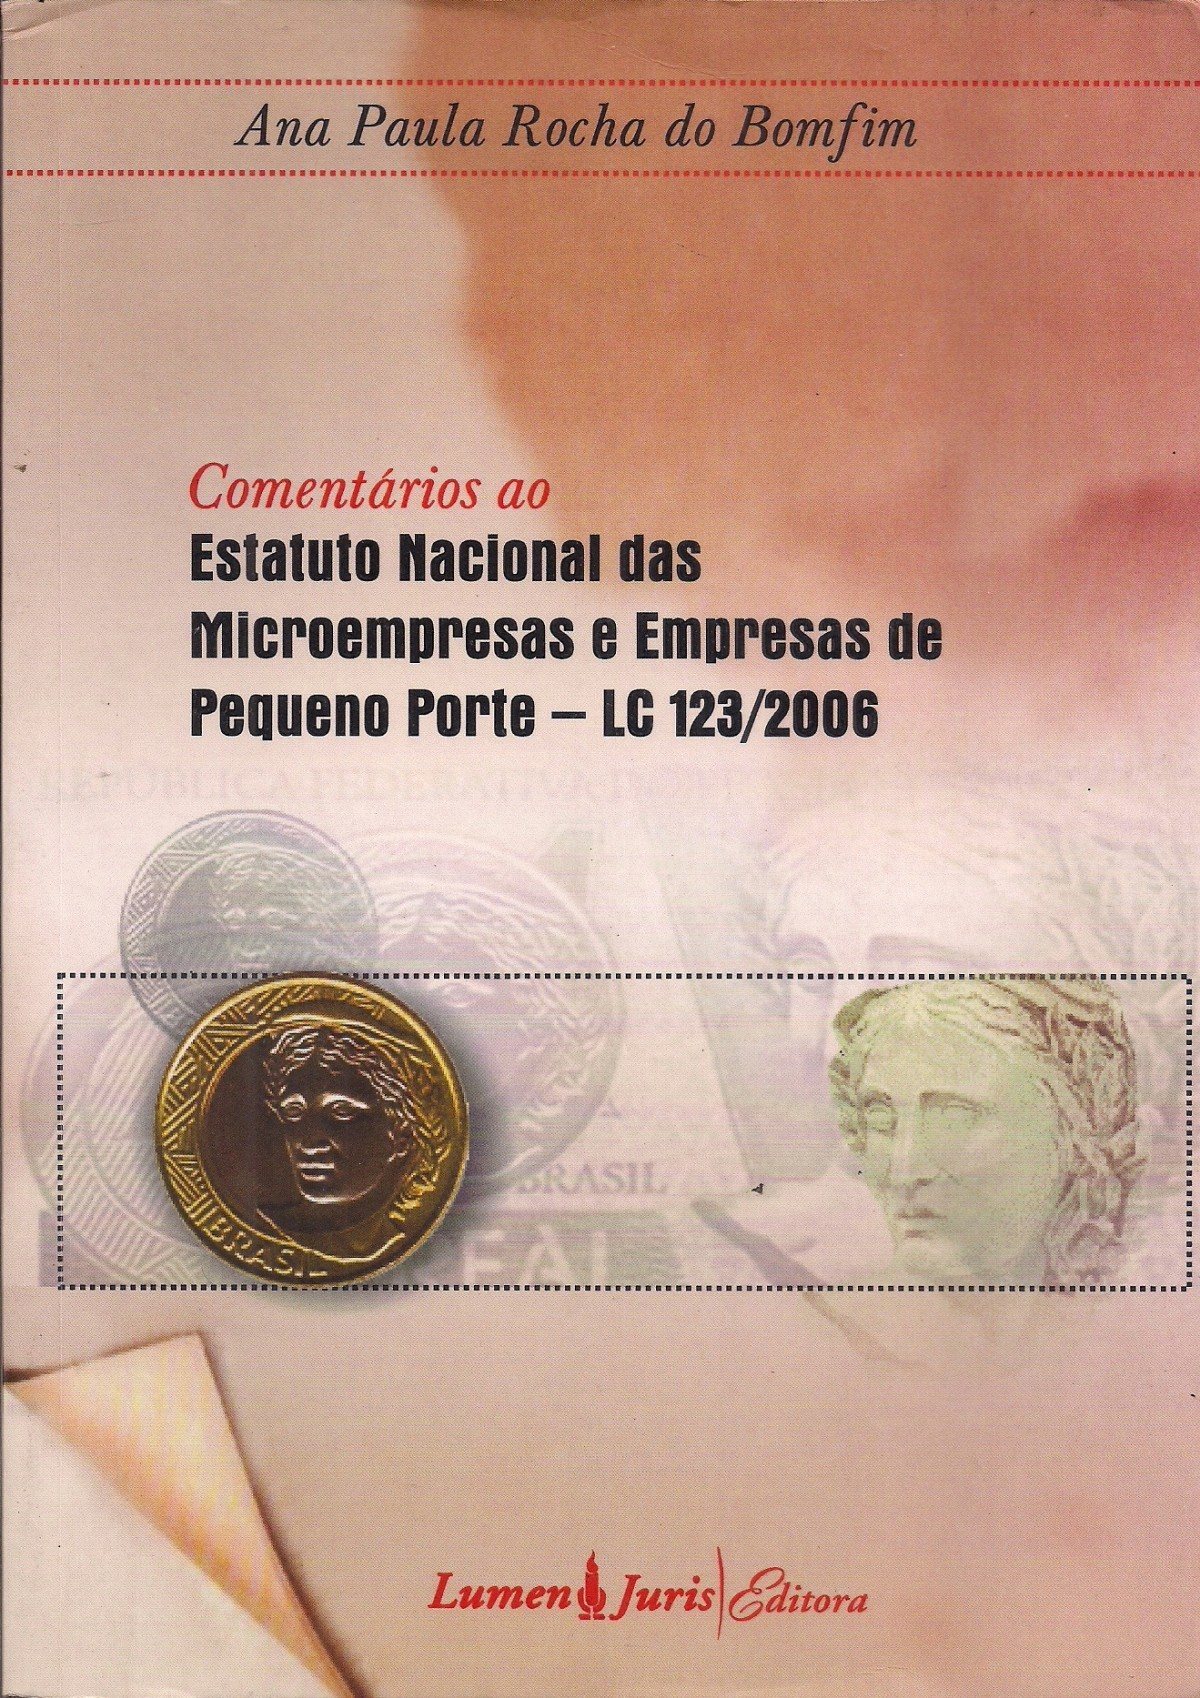 Foto 1 - Comentários ao Estatuto Nacional das Microempresas e Empresas de Pequeno Porte LC 123/2006